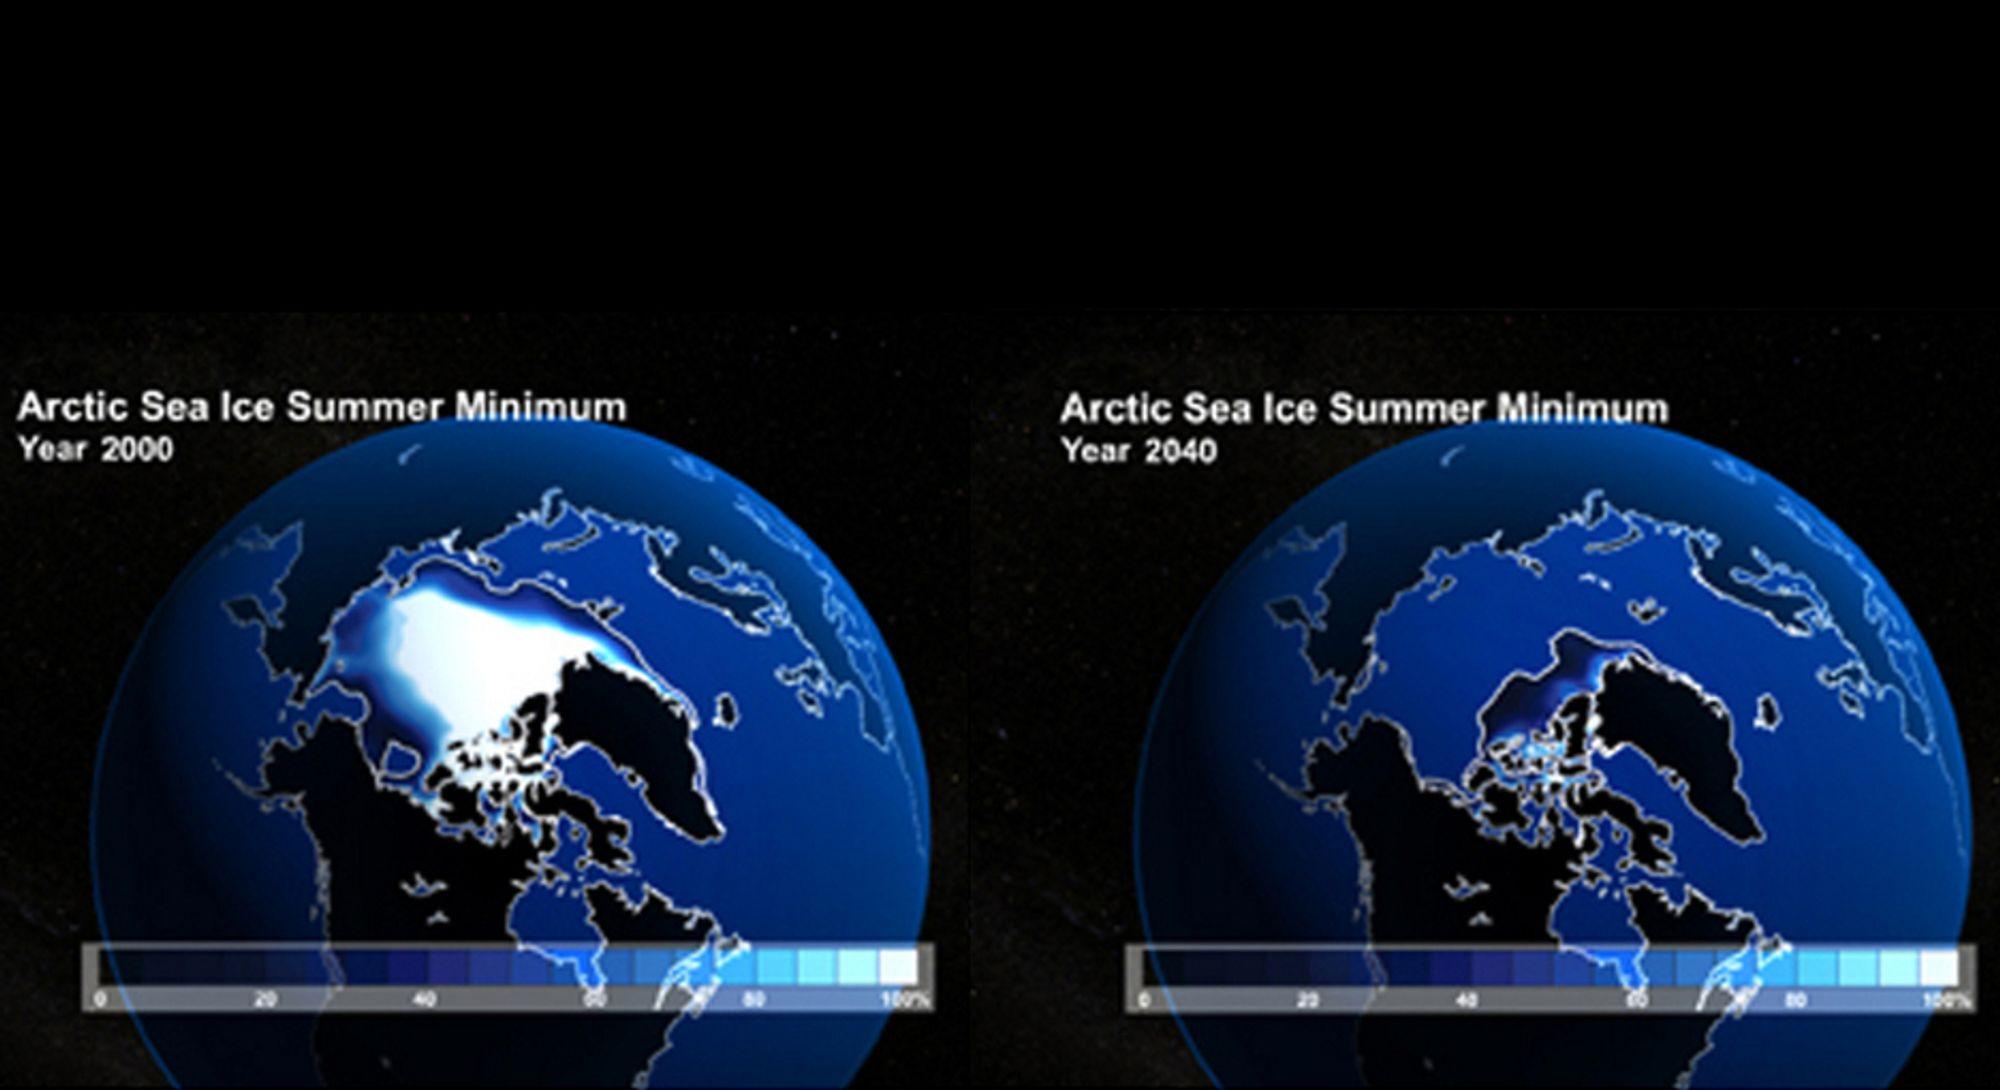 ALVORLIG: Illustrasjonen viser hvor stort havområdet som var dekket av is i 2000 (t.v.), sammenlignet med det antatte, minimale isdekket i 2040.